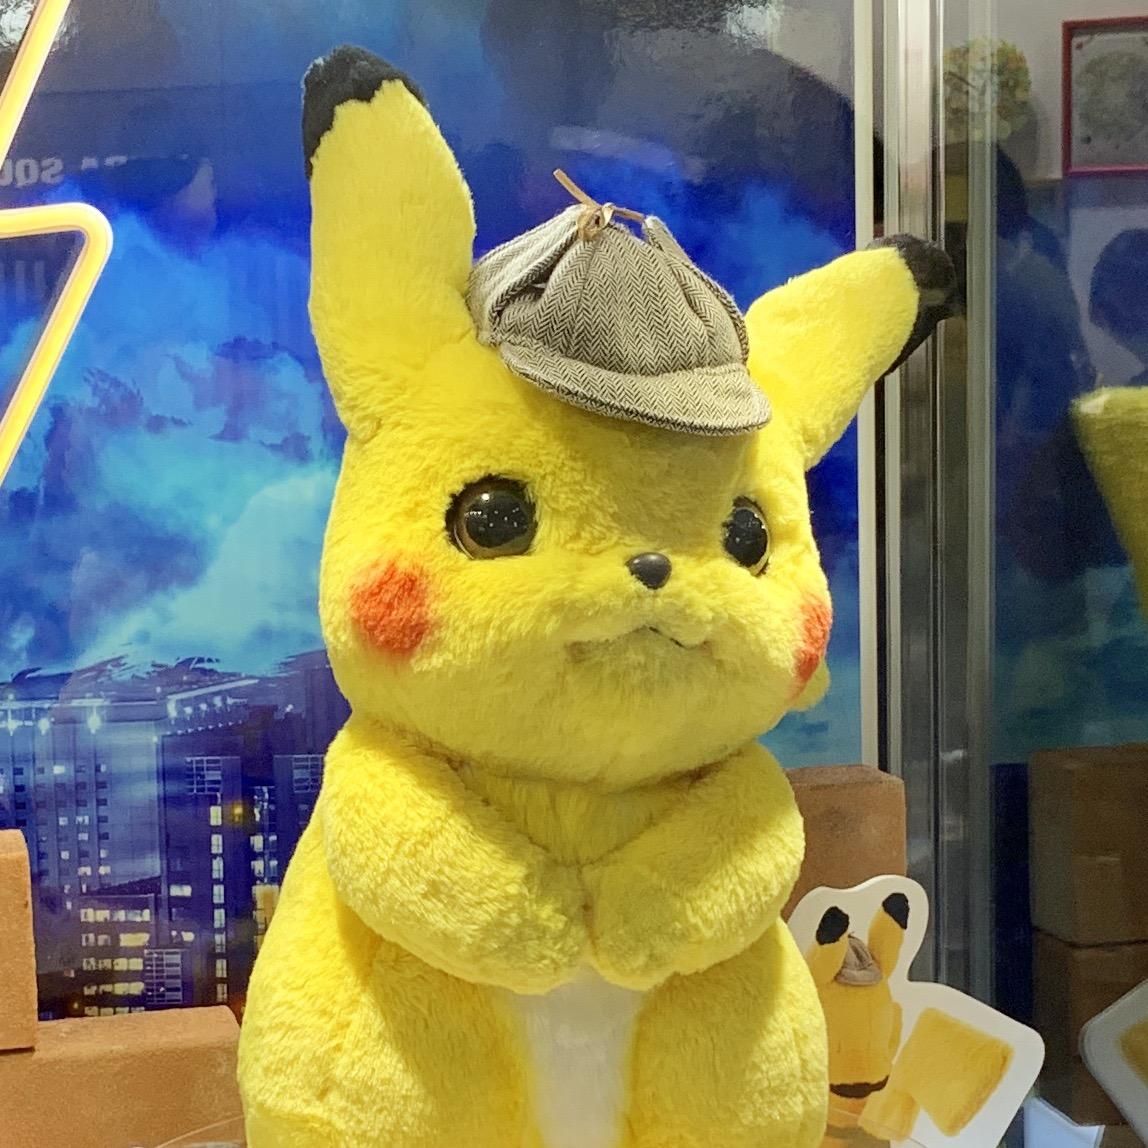 f:id:pikachu_pcn:20190525192208j:plain